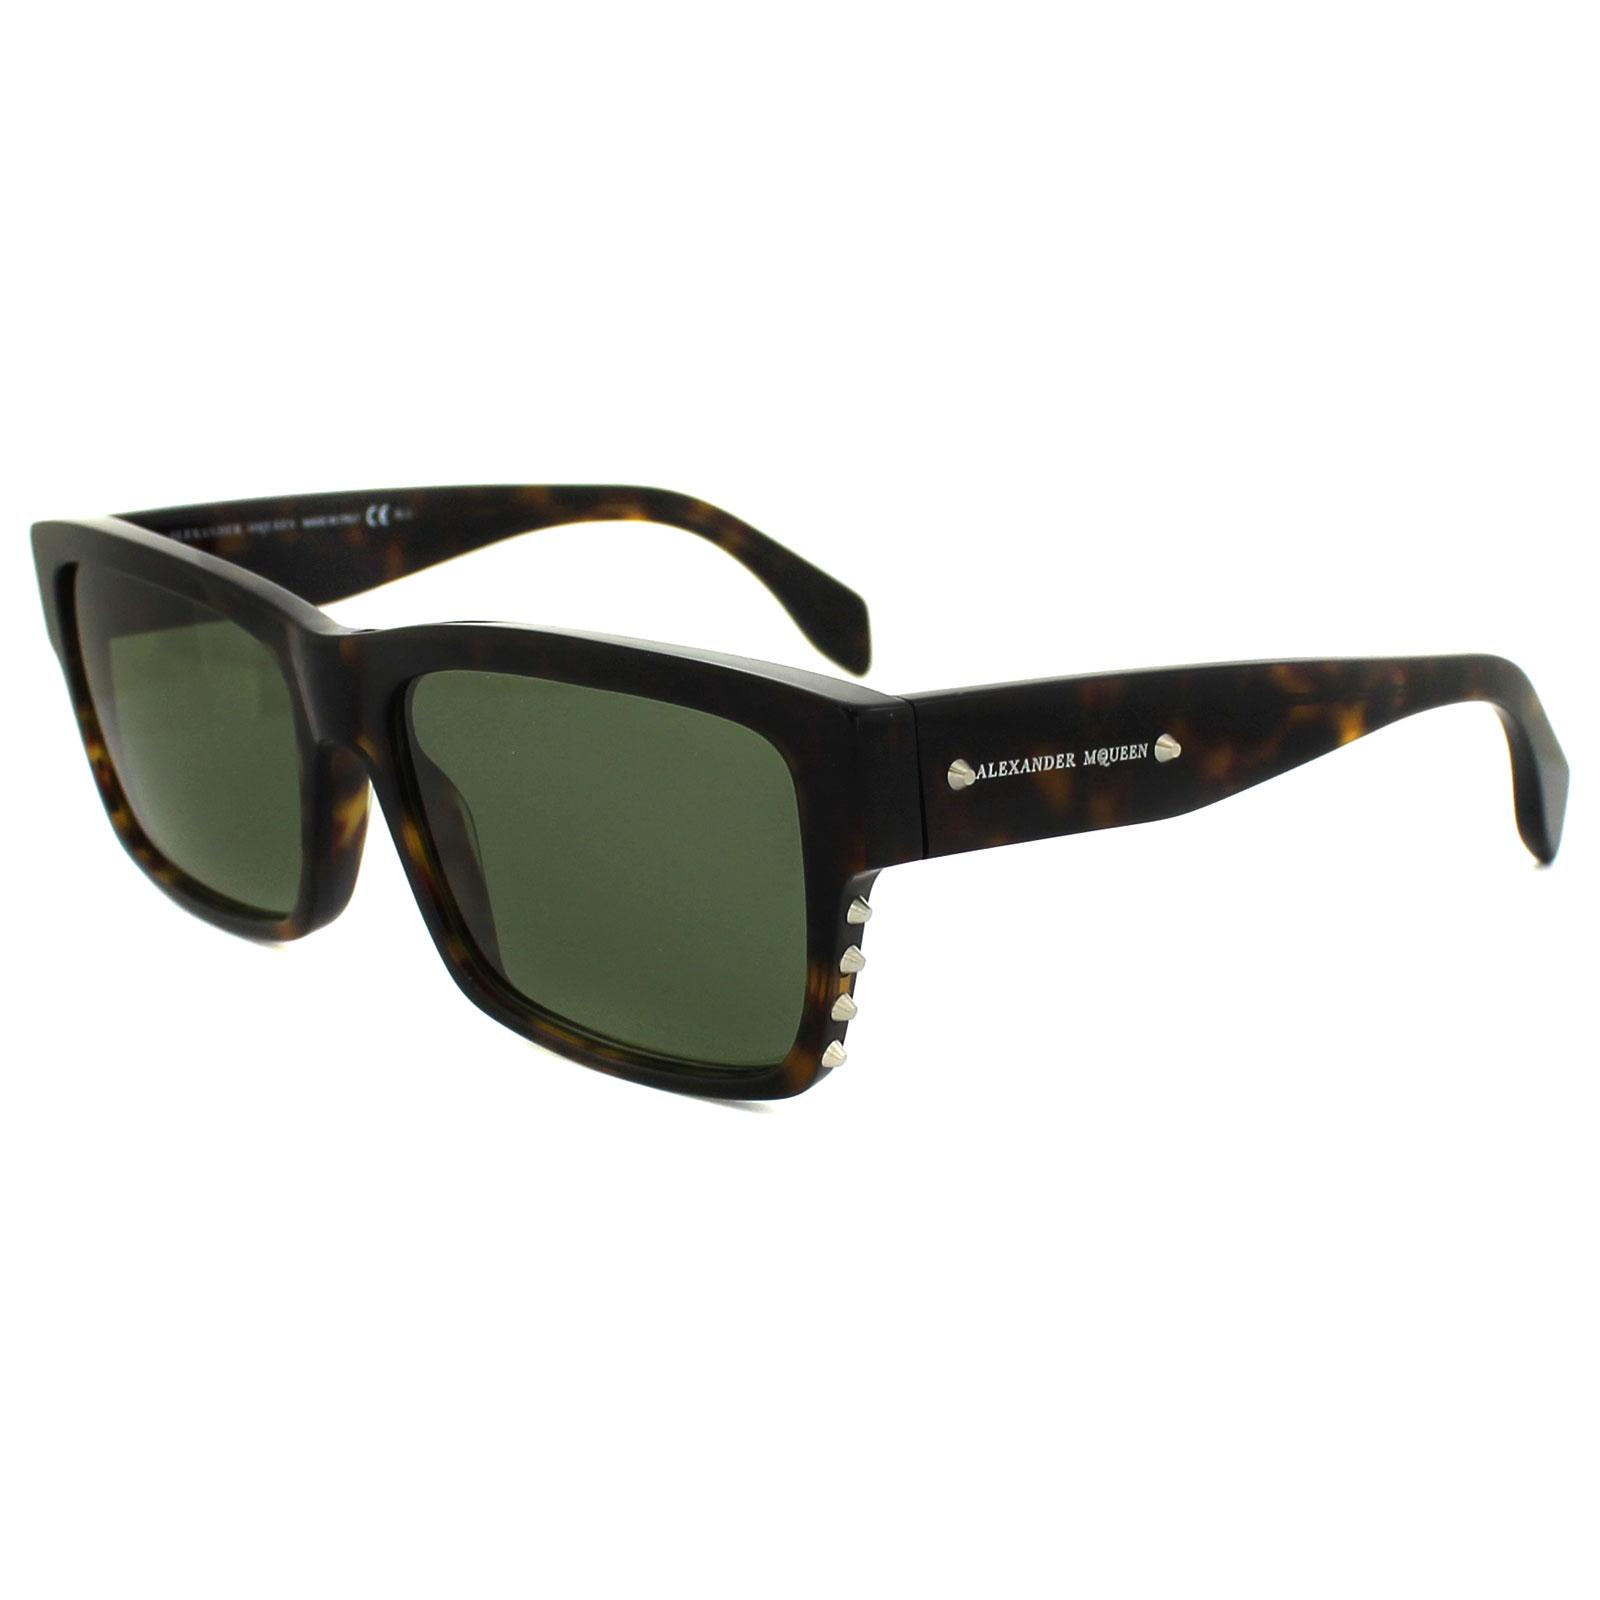 Mcqueen Sunglasses  alexander mcqueen sunglasses 4258 s 086 dj dark havana green ebay